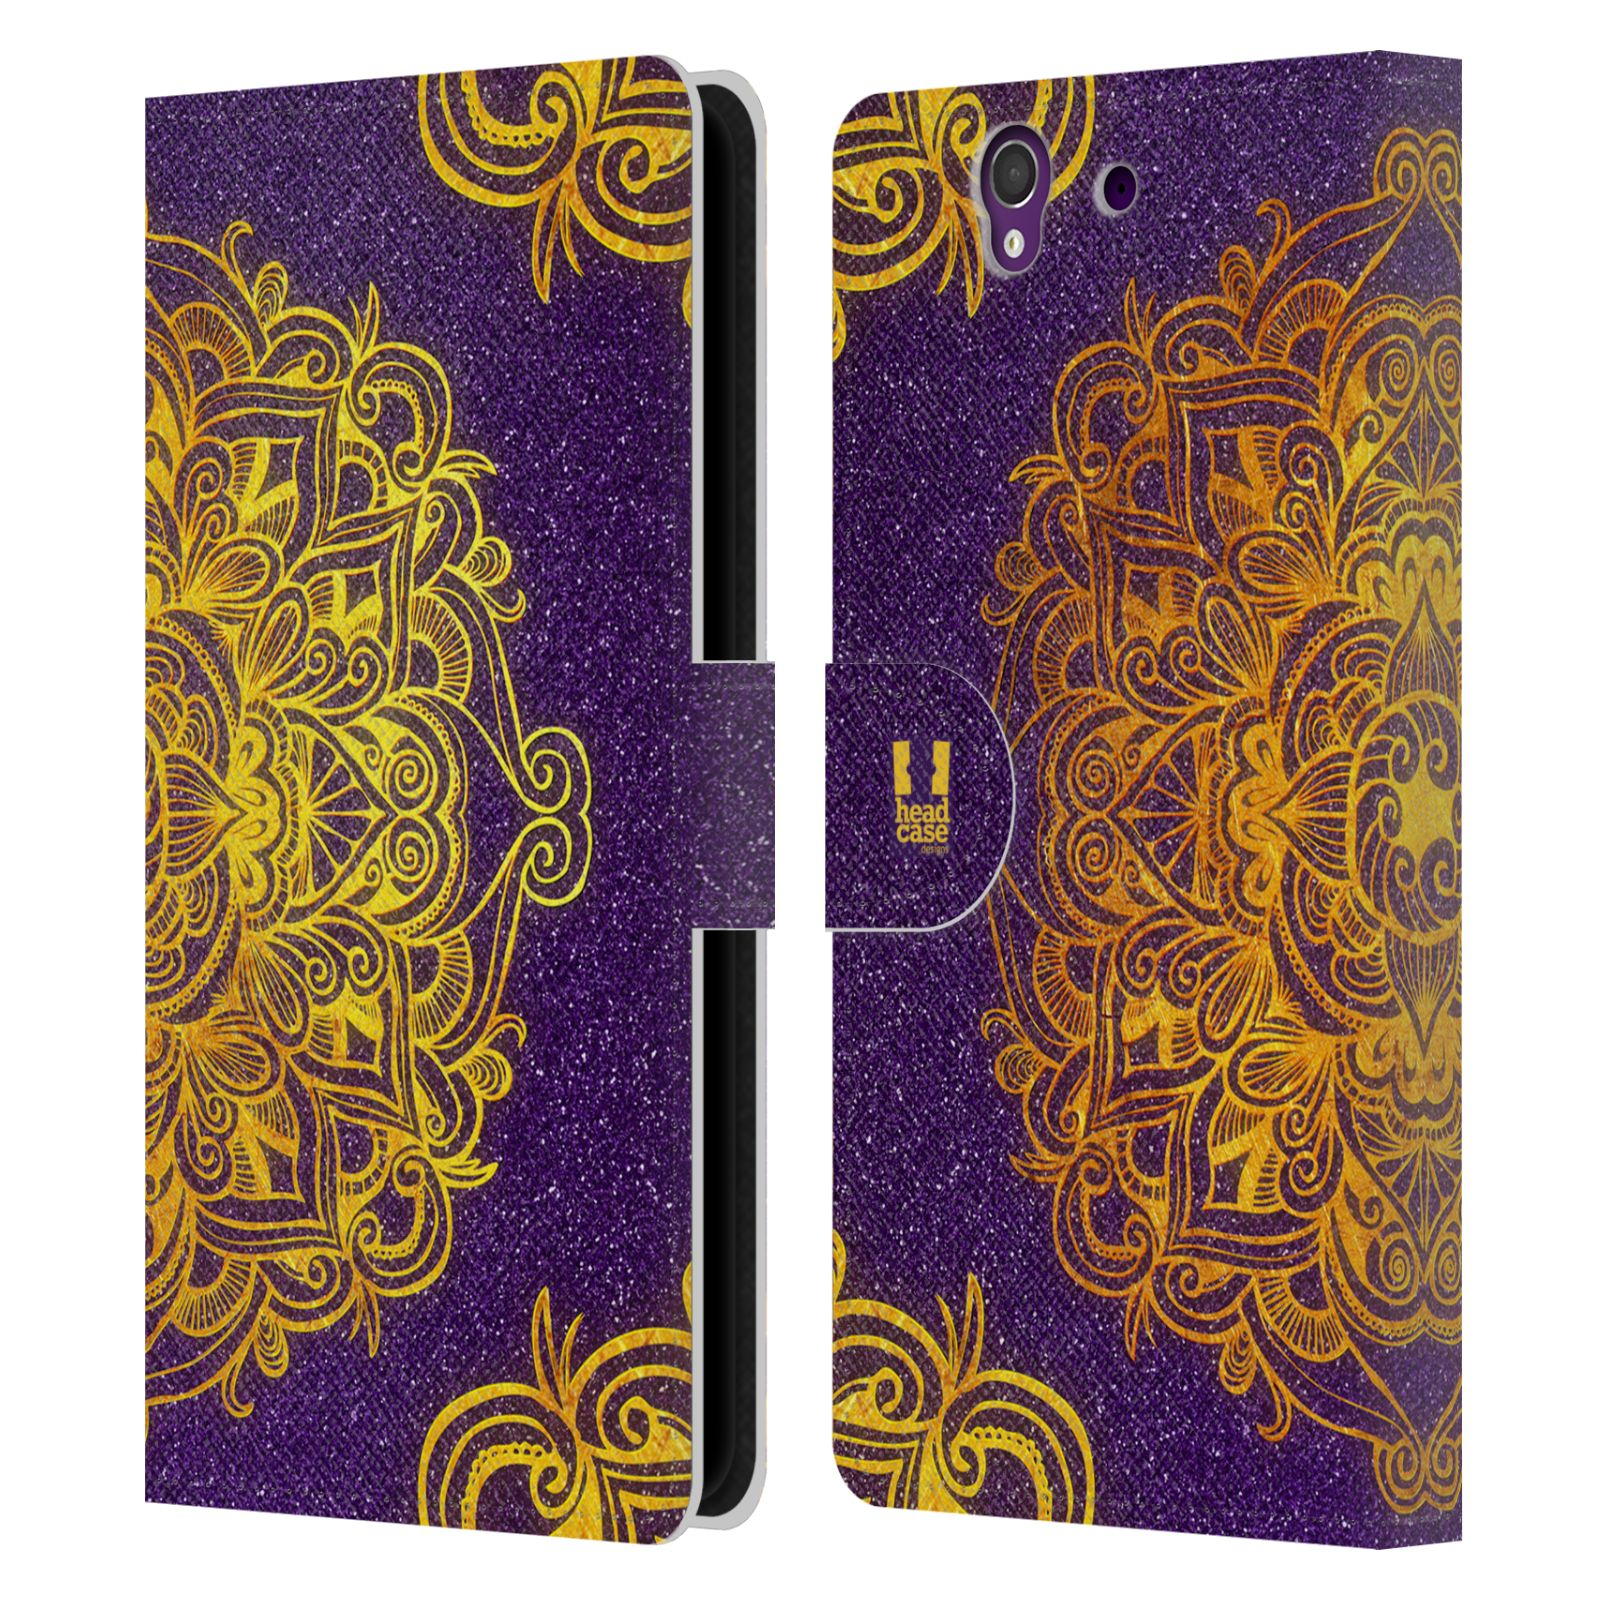 HEAD CASE Flipové pouzdro pro mobil SONY XPERIA Z (C6603) mandala kreslená fialová a zlatá